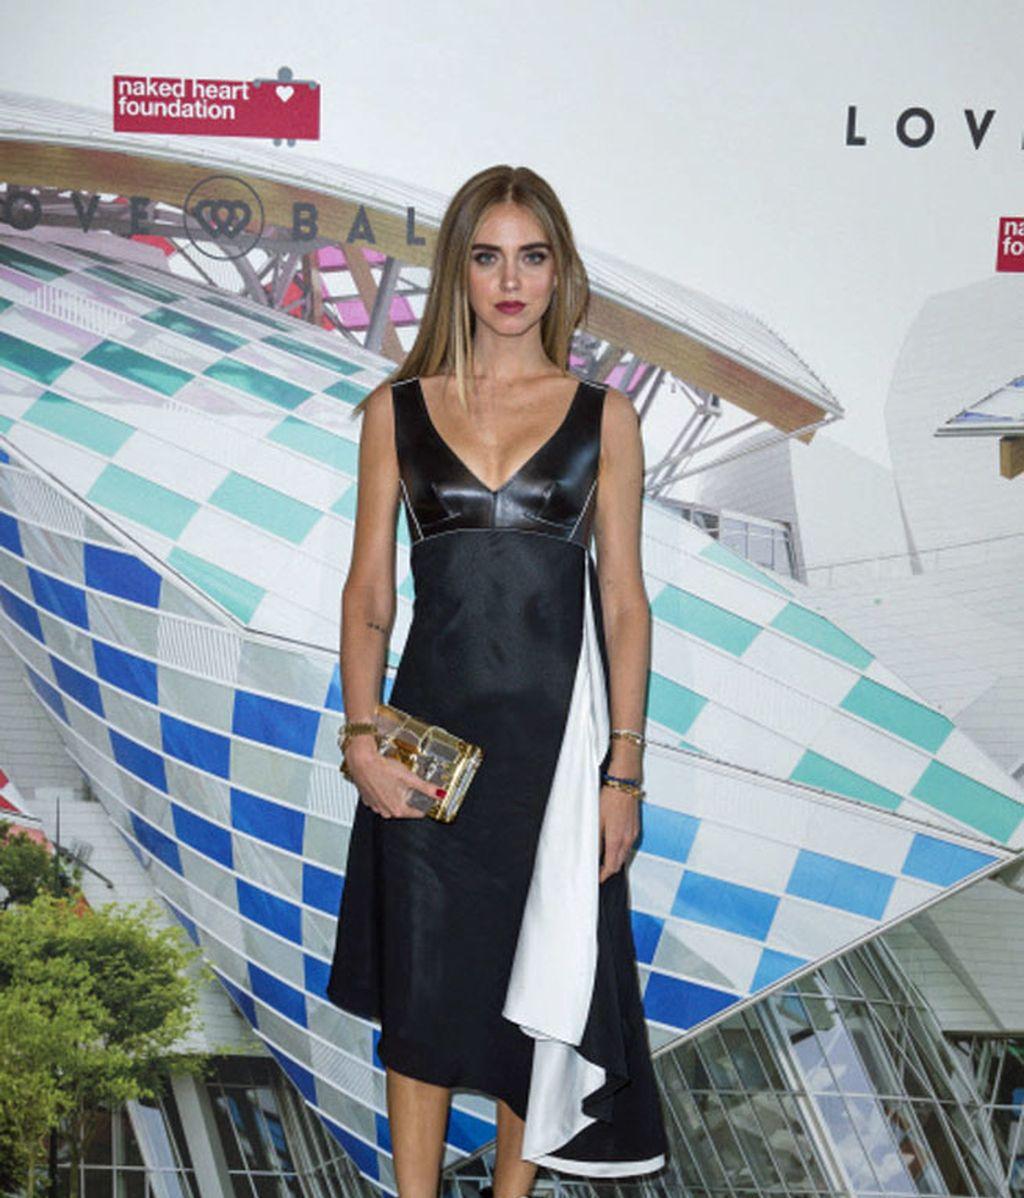 Chiara Ferragni eligió un vestido negro con abertura blanca y un clutch dorado